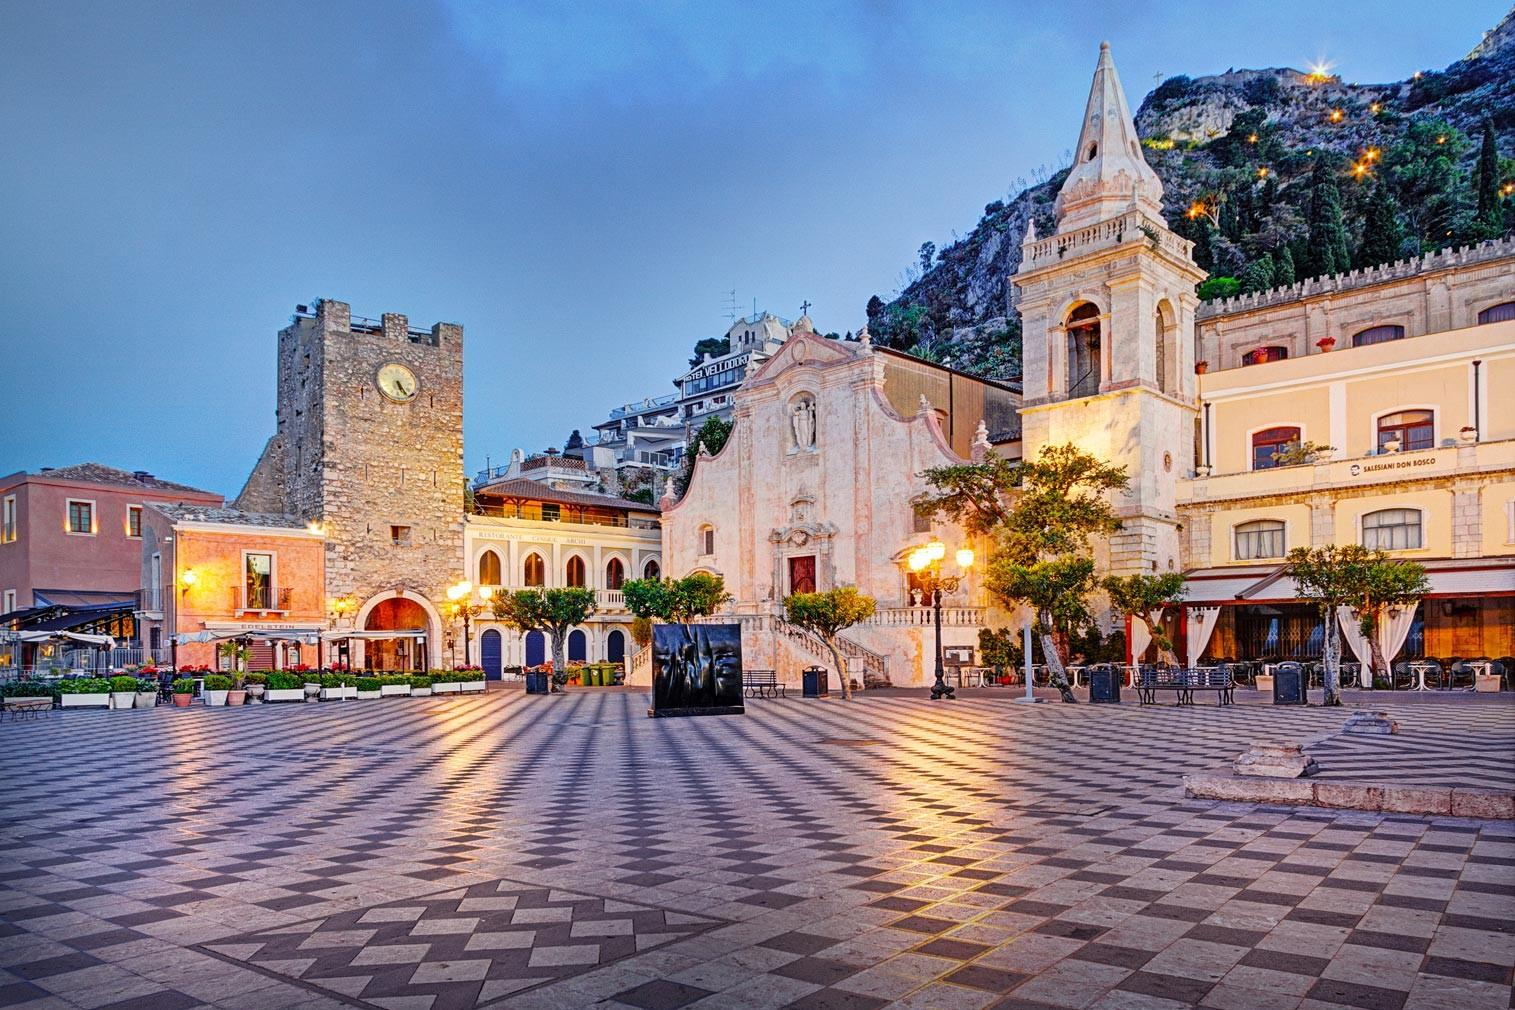 5 borghi da visitare in Sicilia a Pasqua  6a4868e72261